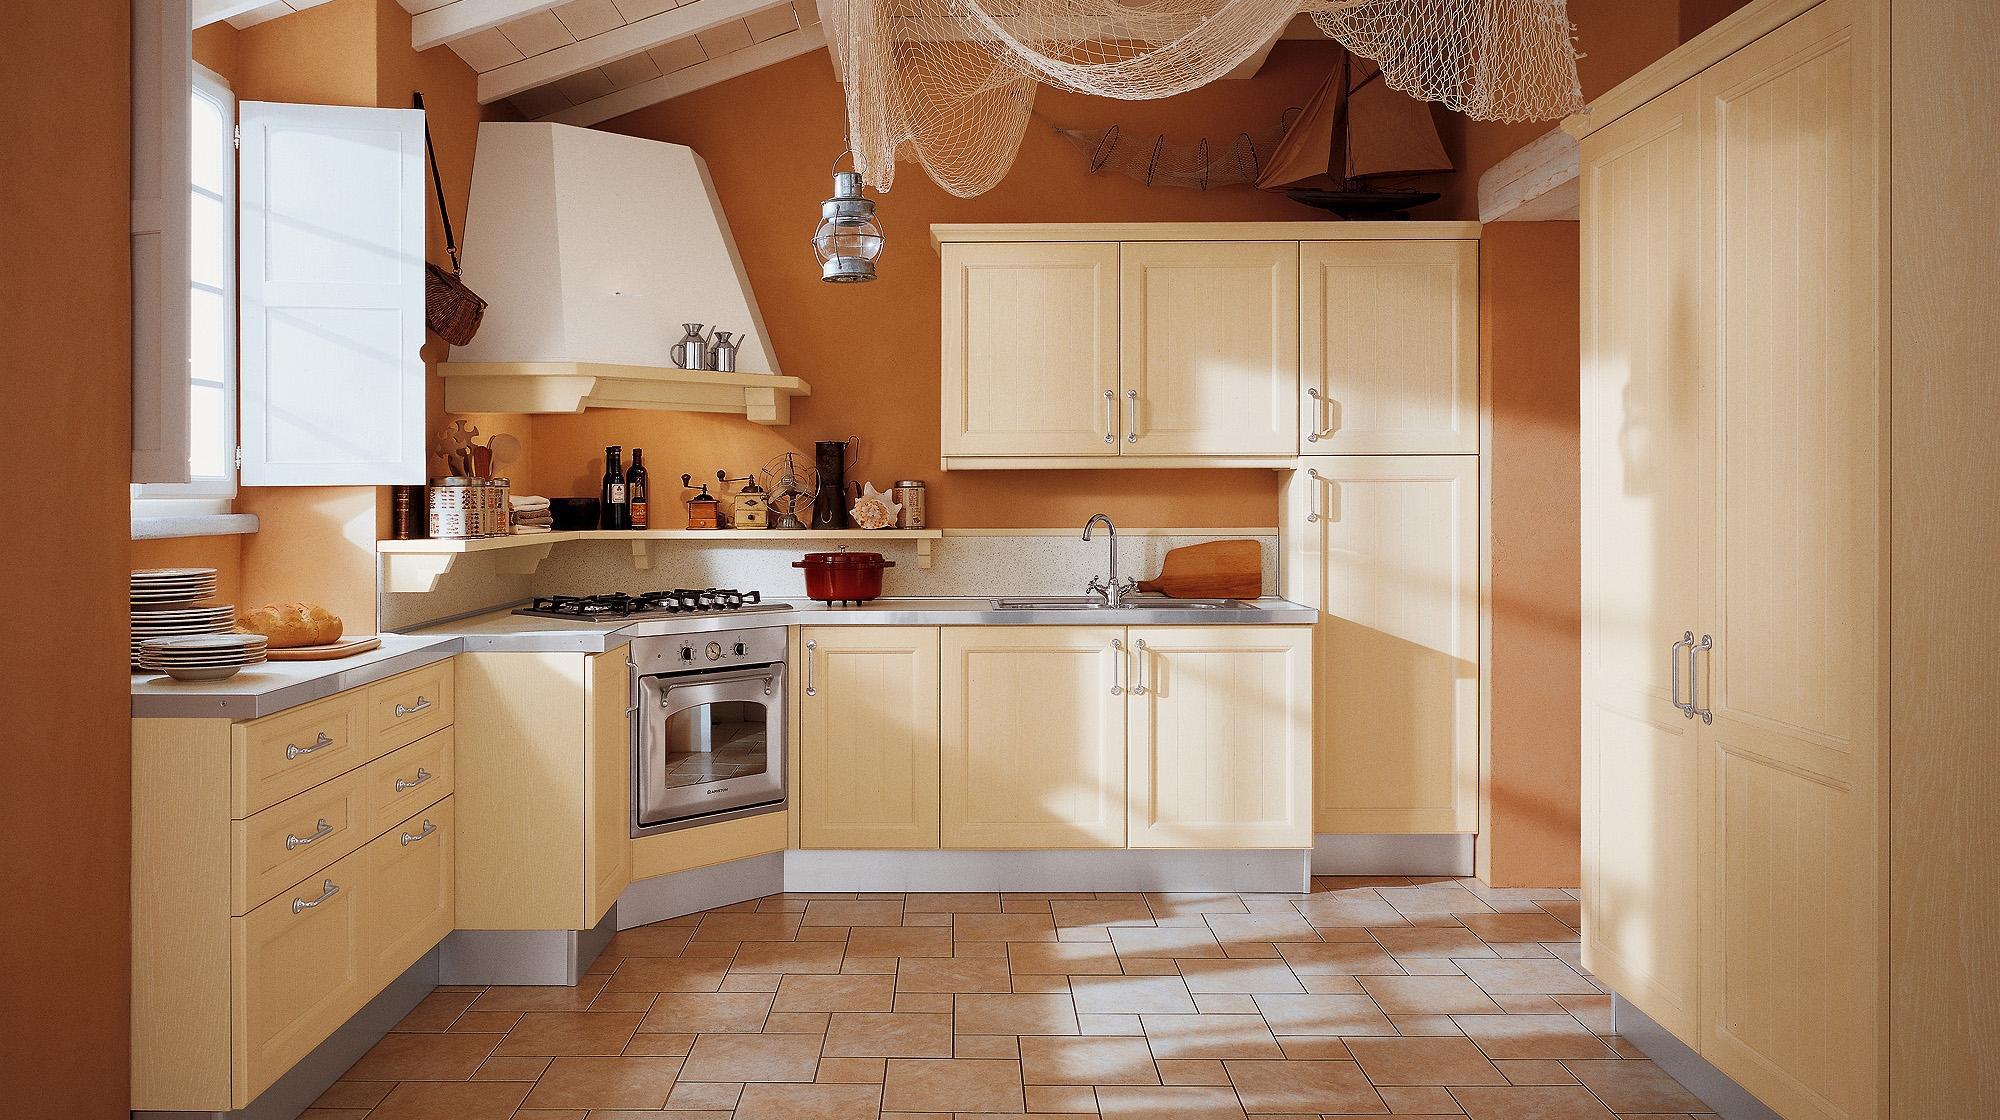 Cozinha moderna 568